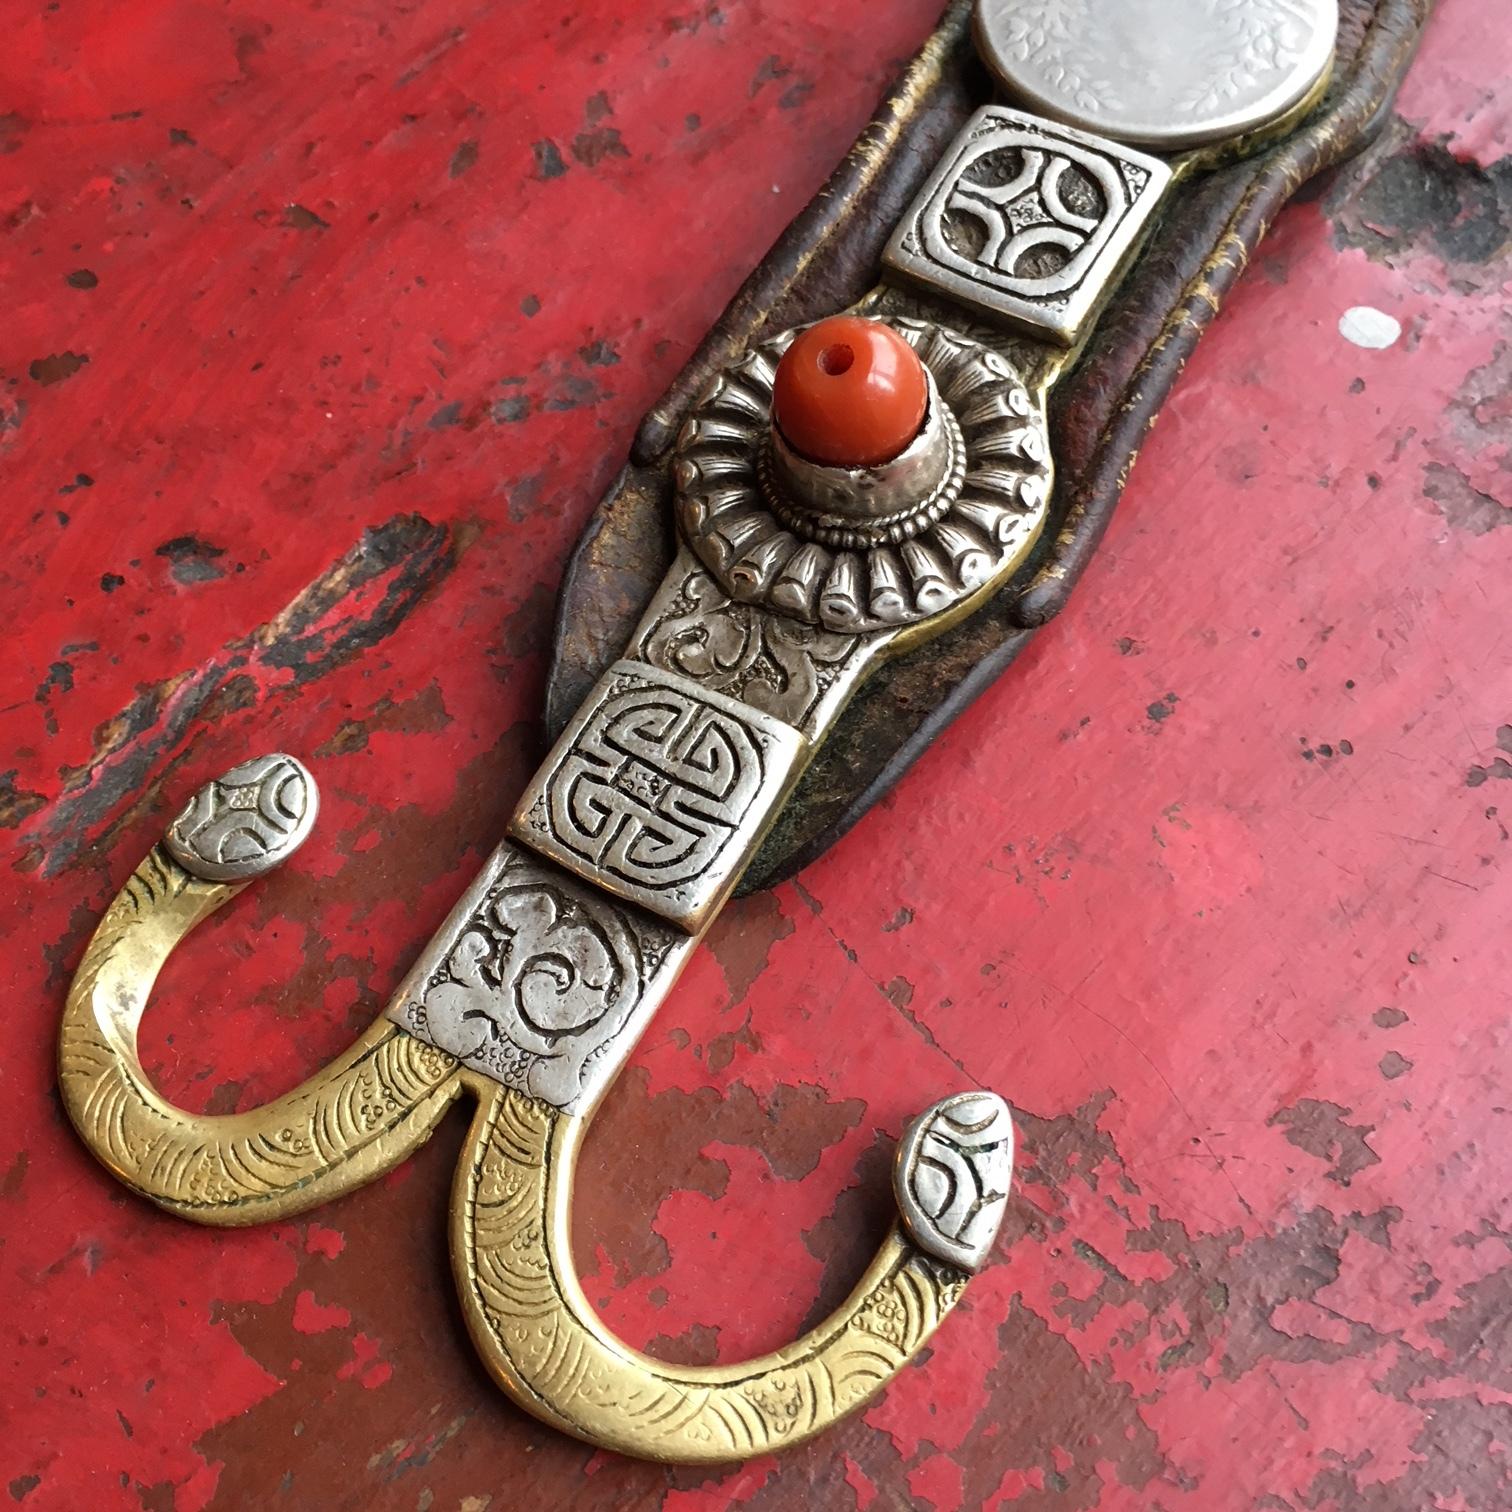 チベット装飾品ローズィ・ペマラカ付属